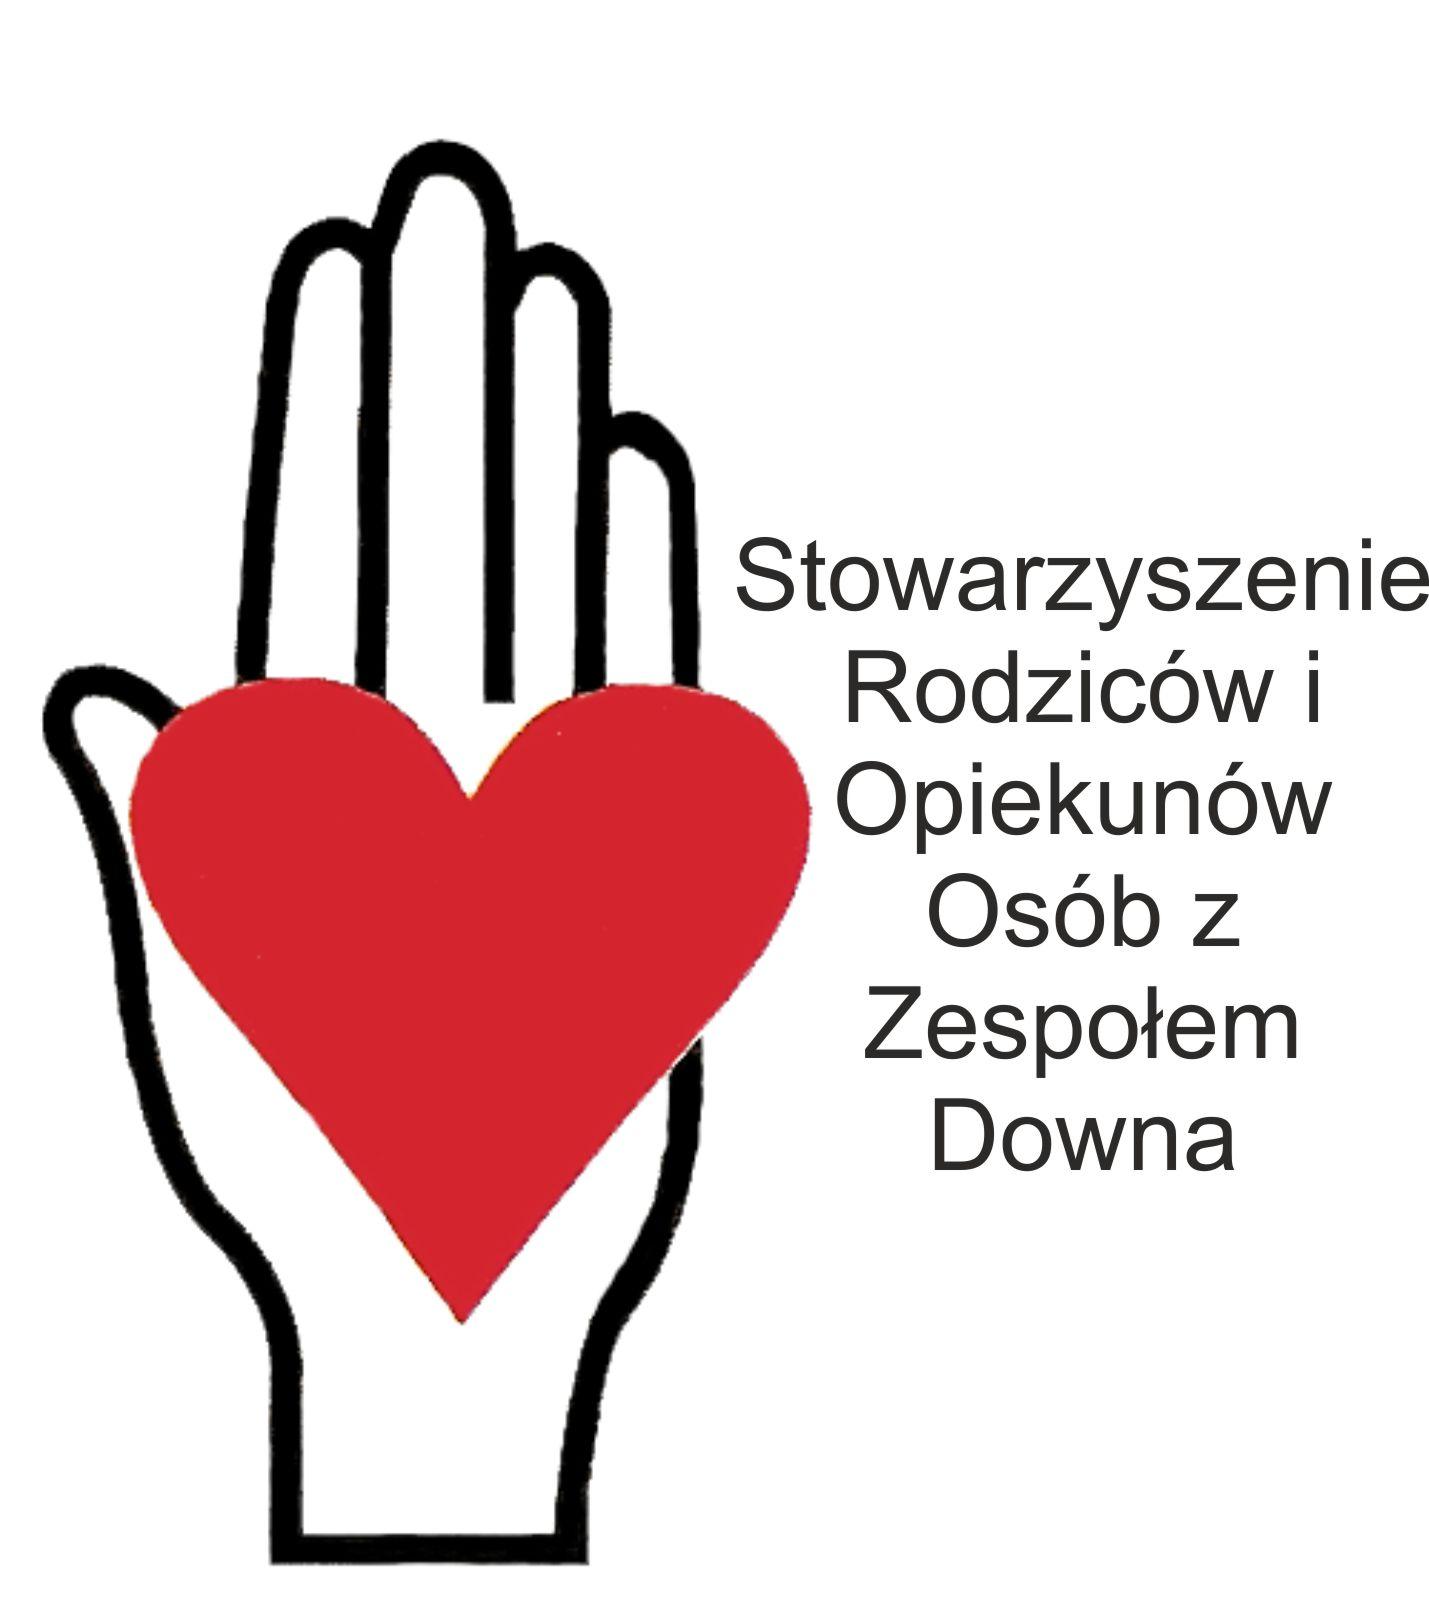 logo stowarzyszenia z napisem